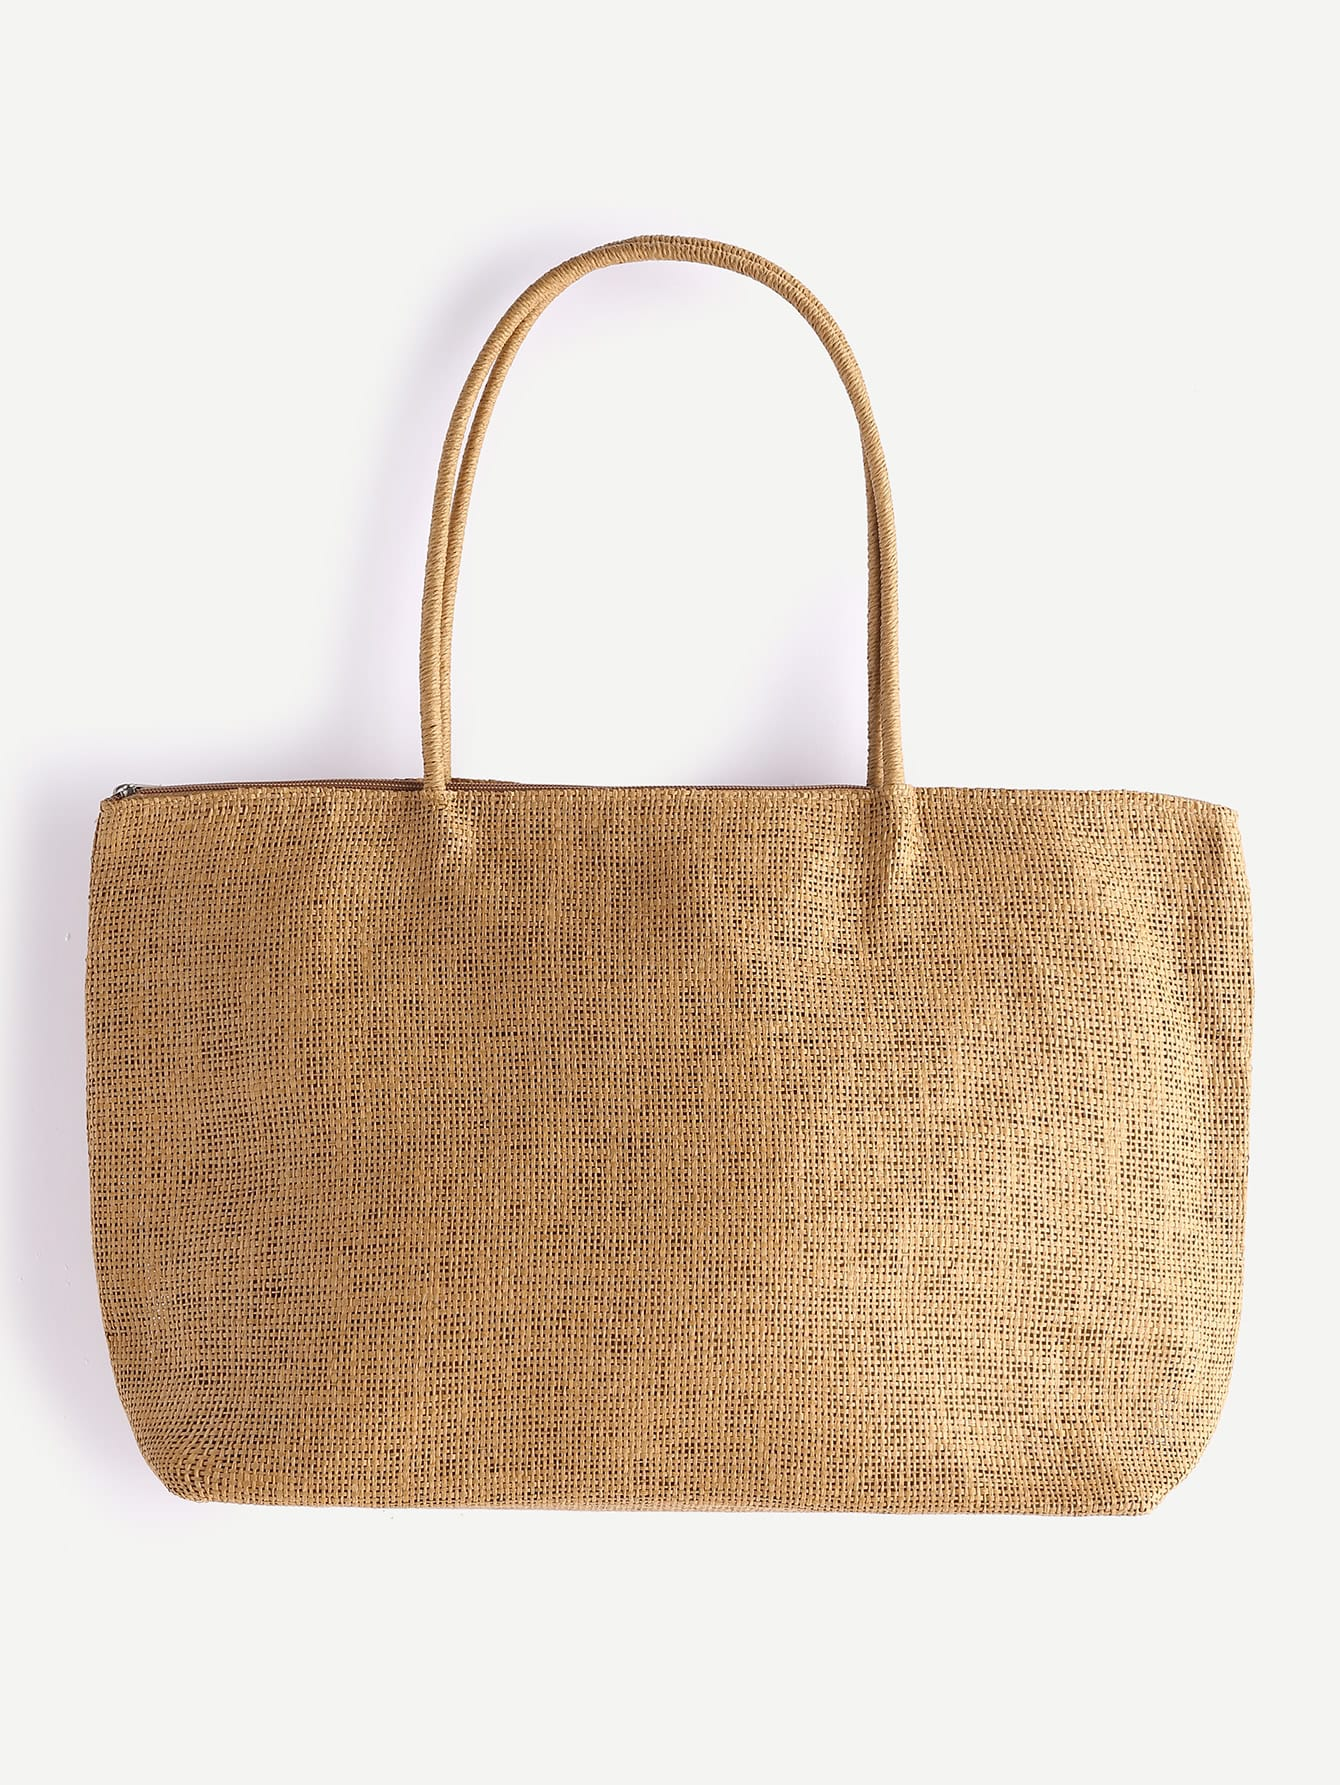 Фото Khaki Beach Style Straw Tote Bag. Купить с доставкой